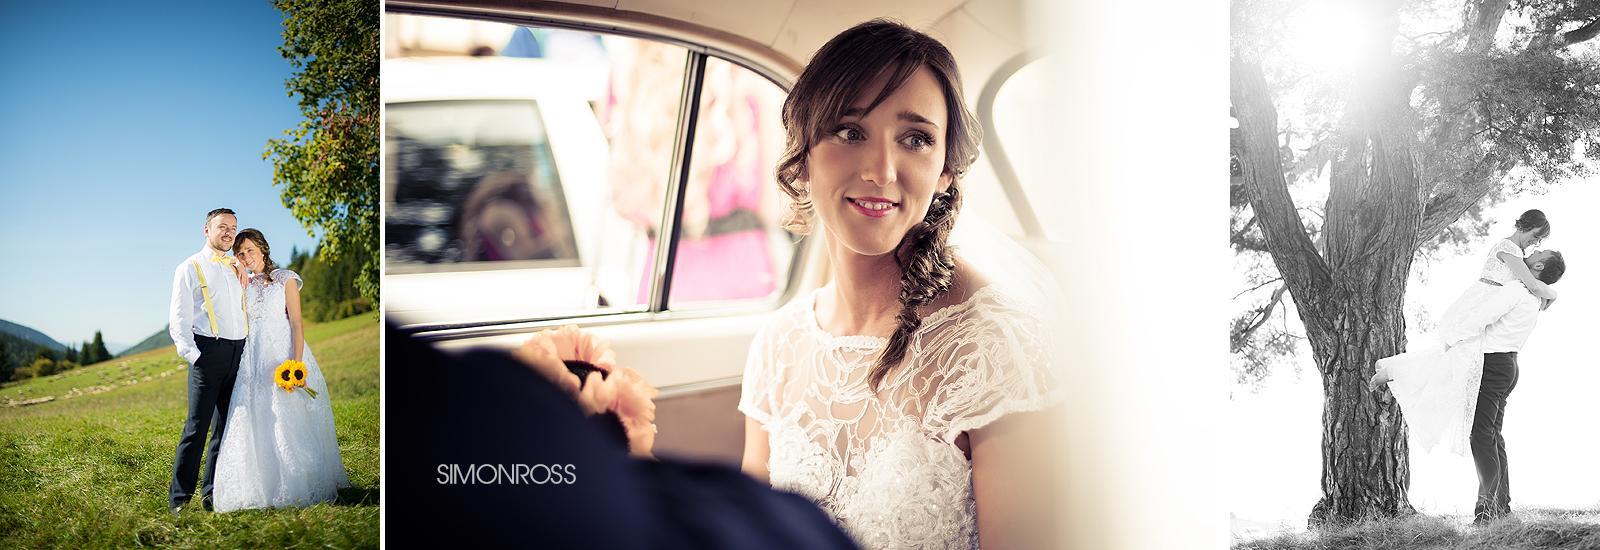 Termín Vašej svadby mám... - Obrázok č. 1